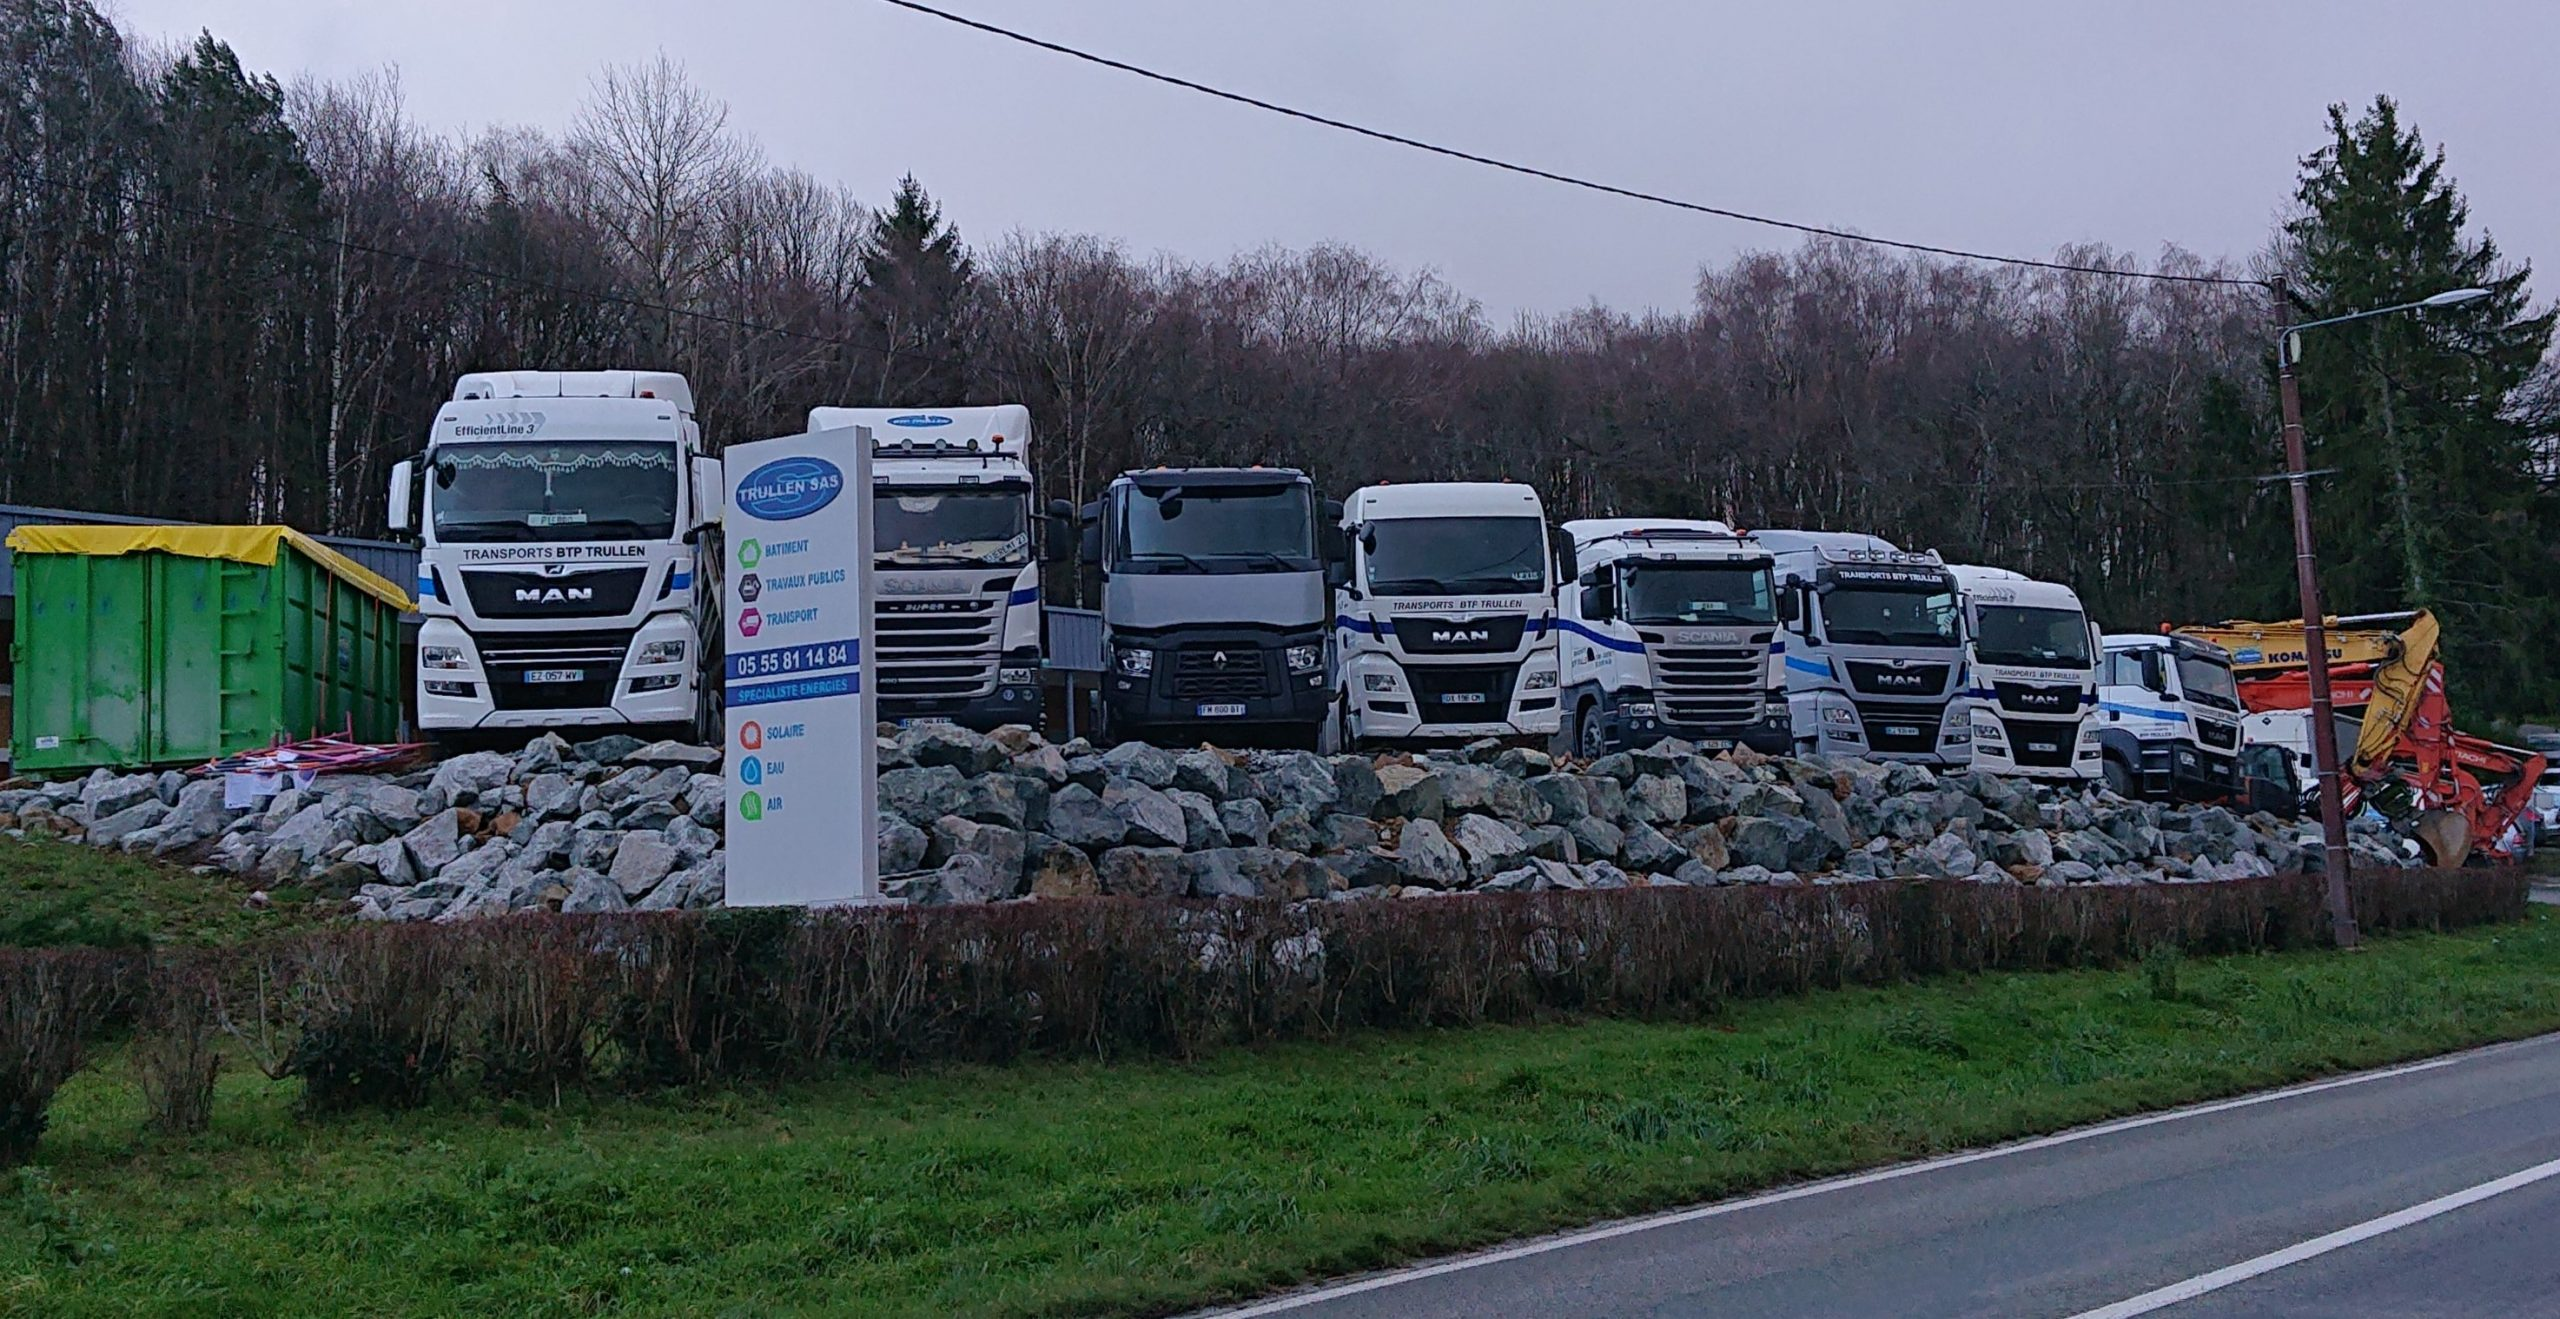 flotte de véhicule de transports en creuse guéret aubusson bonnat scaled - Transports